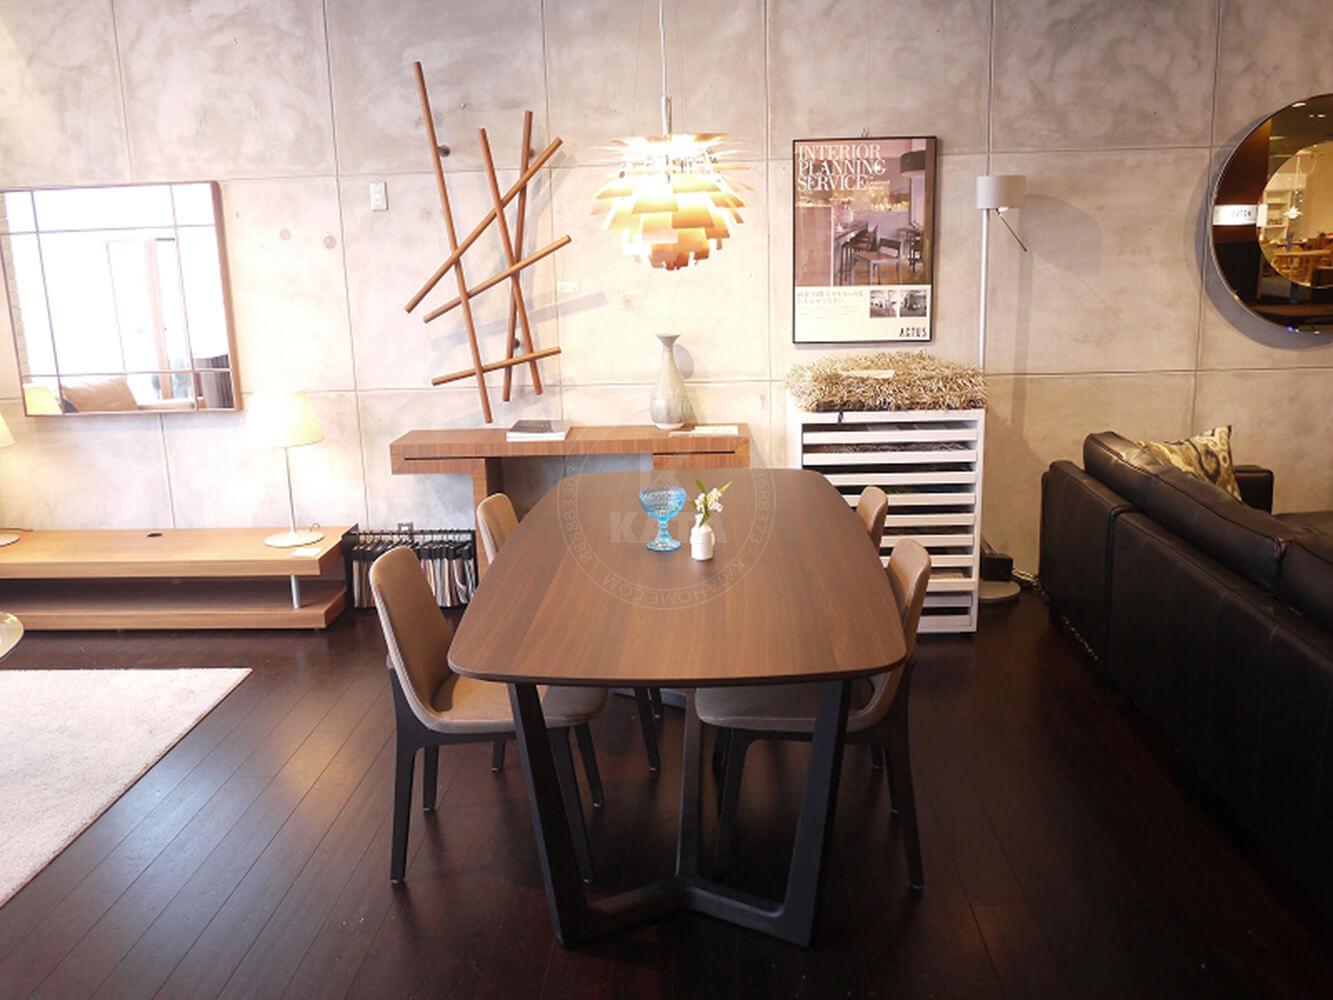 Hình ảnh thực tế của bộ bàn ăn Concorde mặt gỗ B111